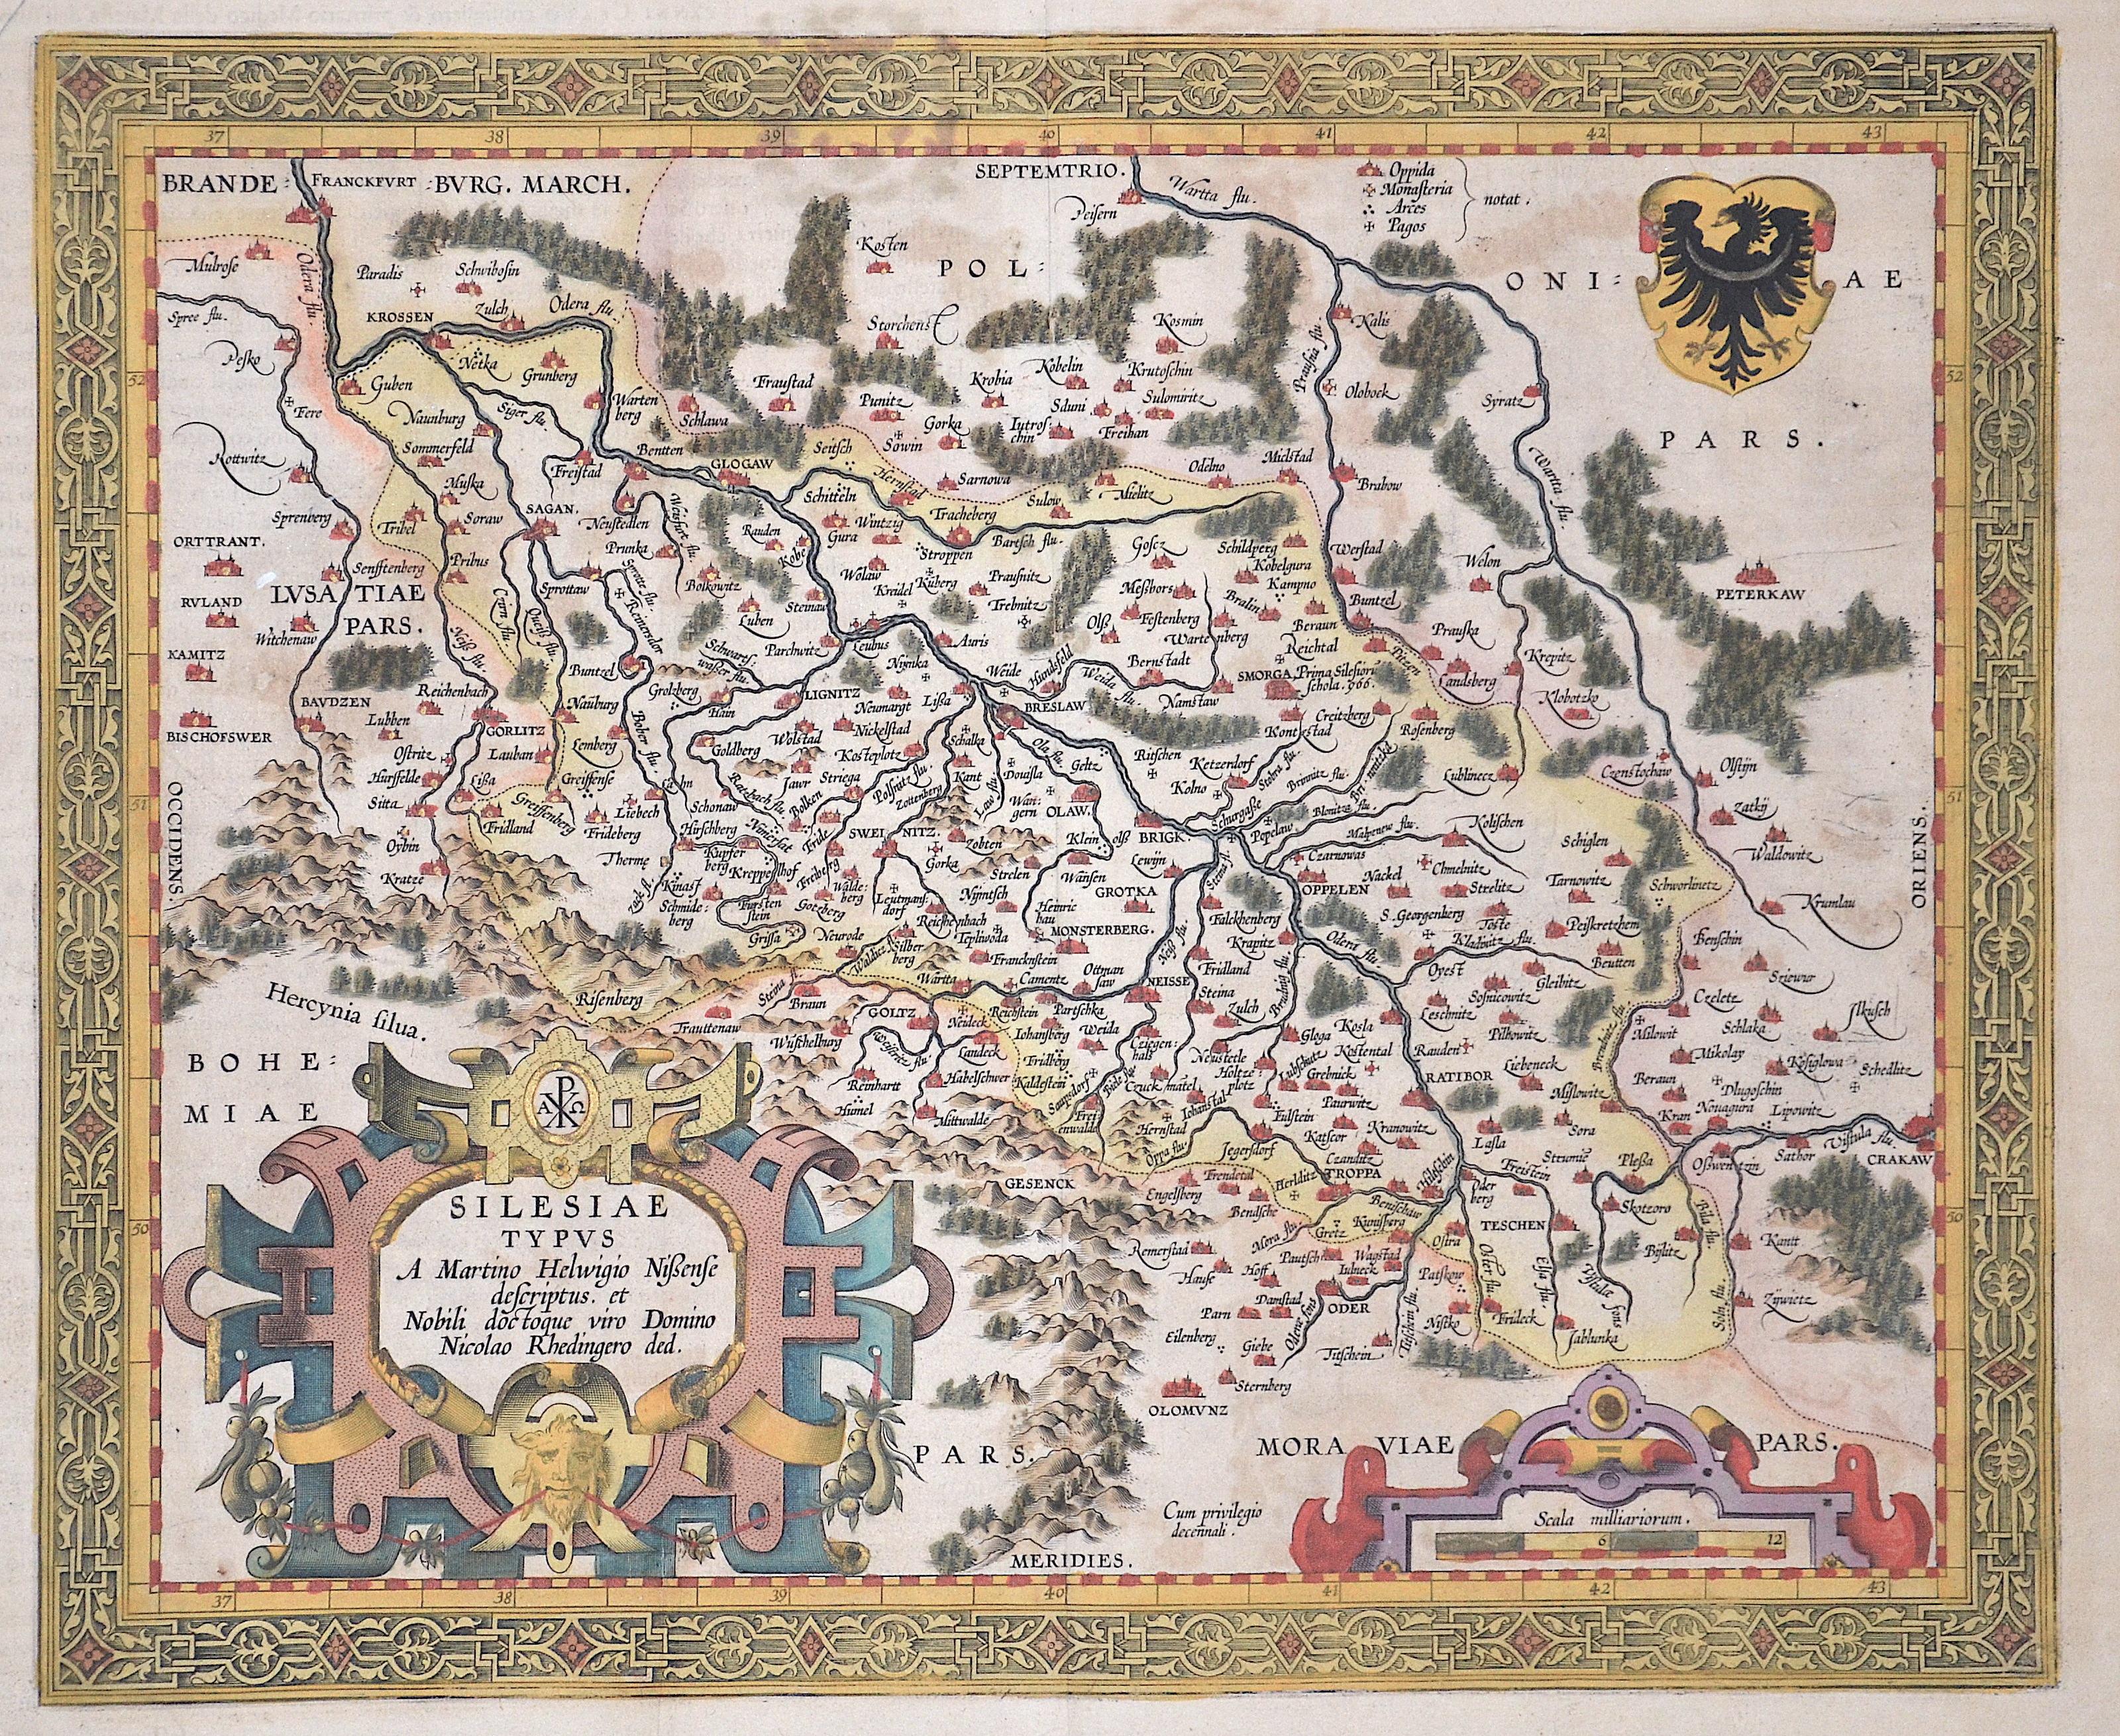 Ortelius  Silesiae Typus A Martino Helwigio Nißense descriptus, et Nobili doctoque viro Domino Nicolao Rhedingero ded.